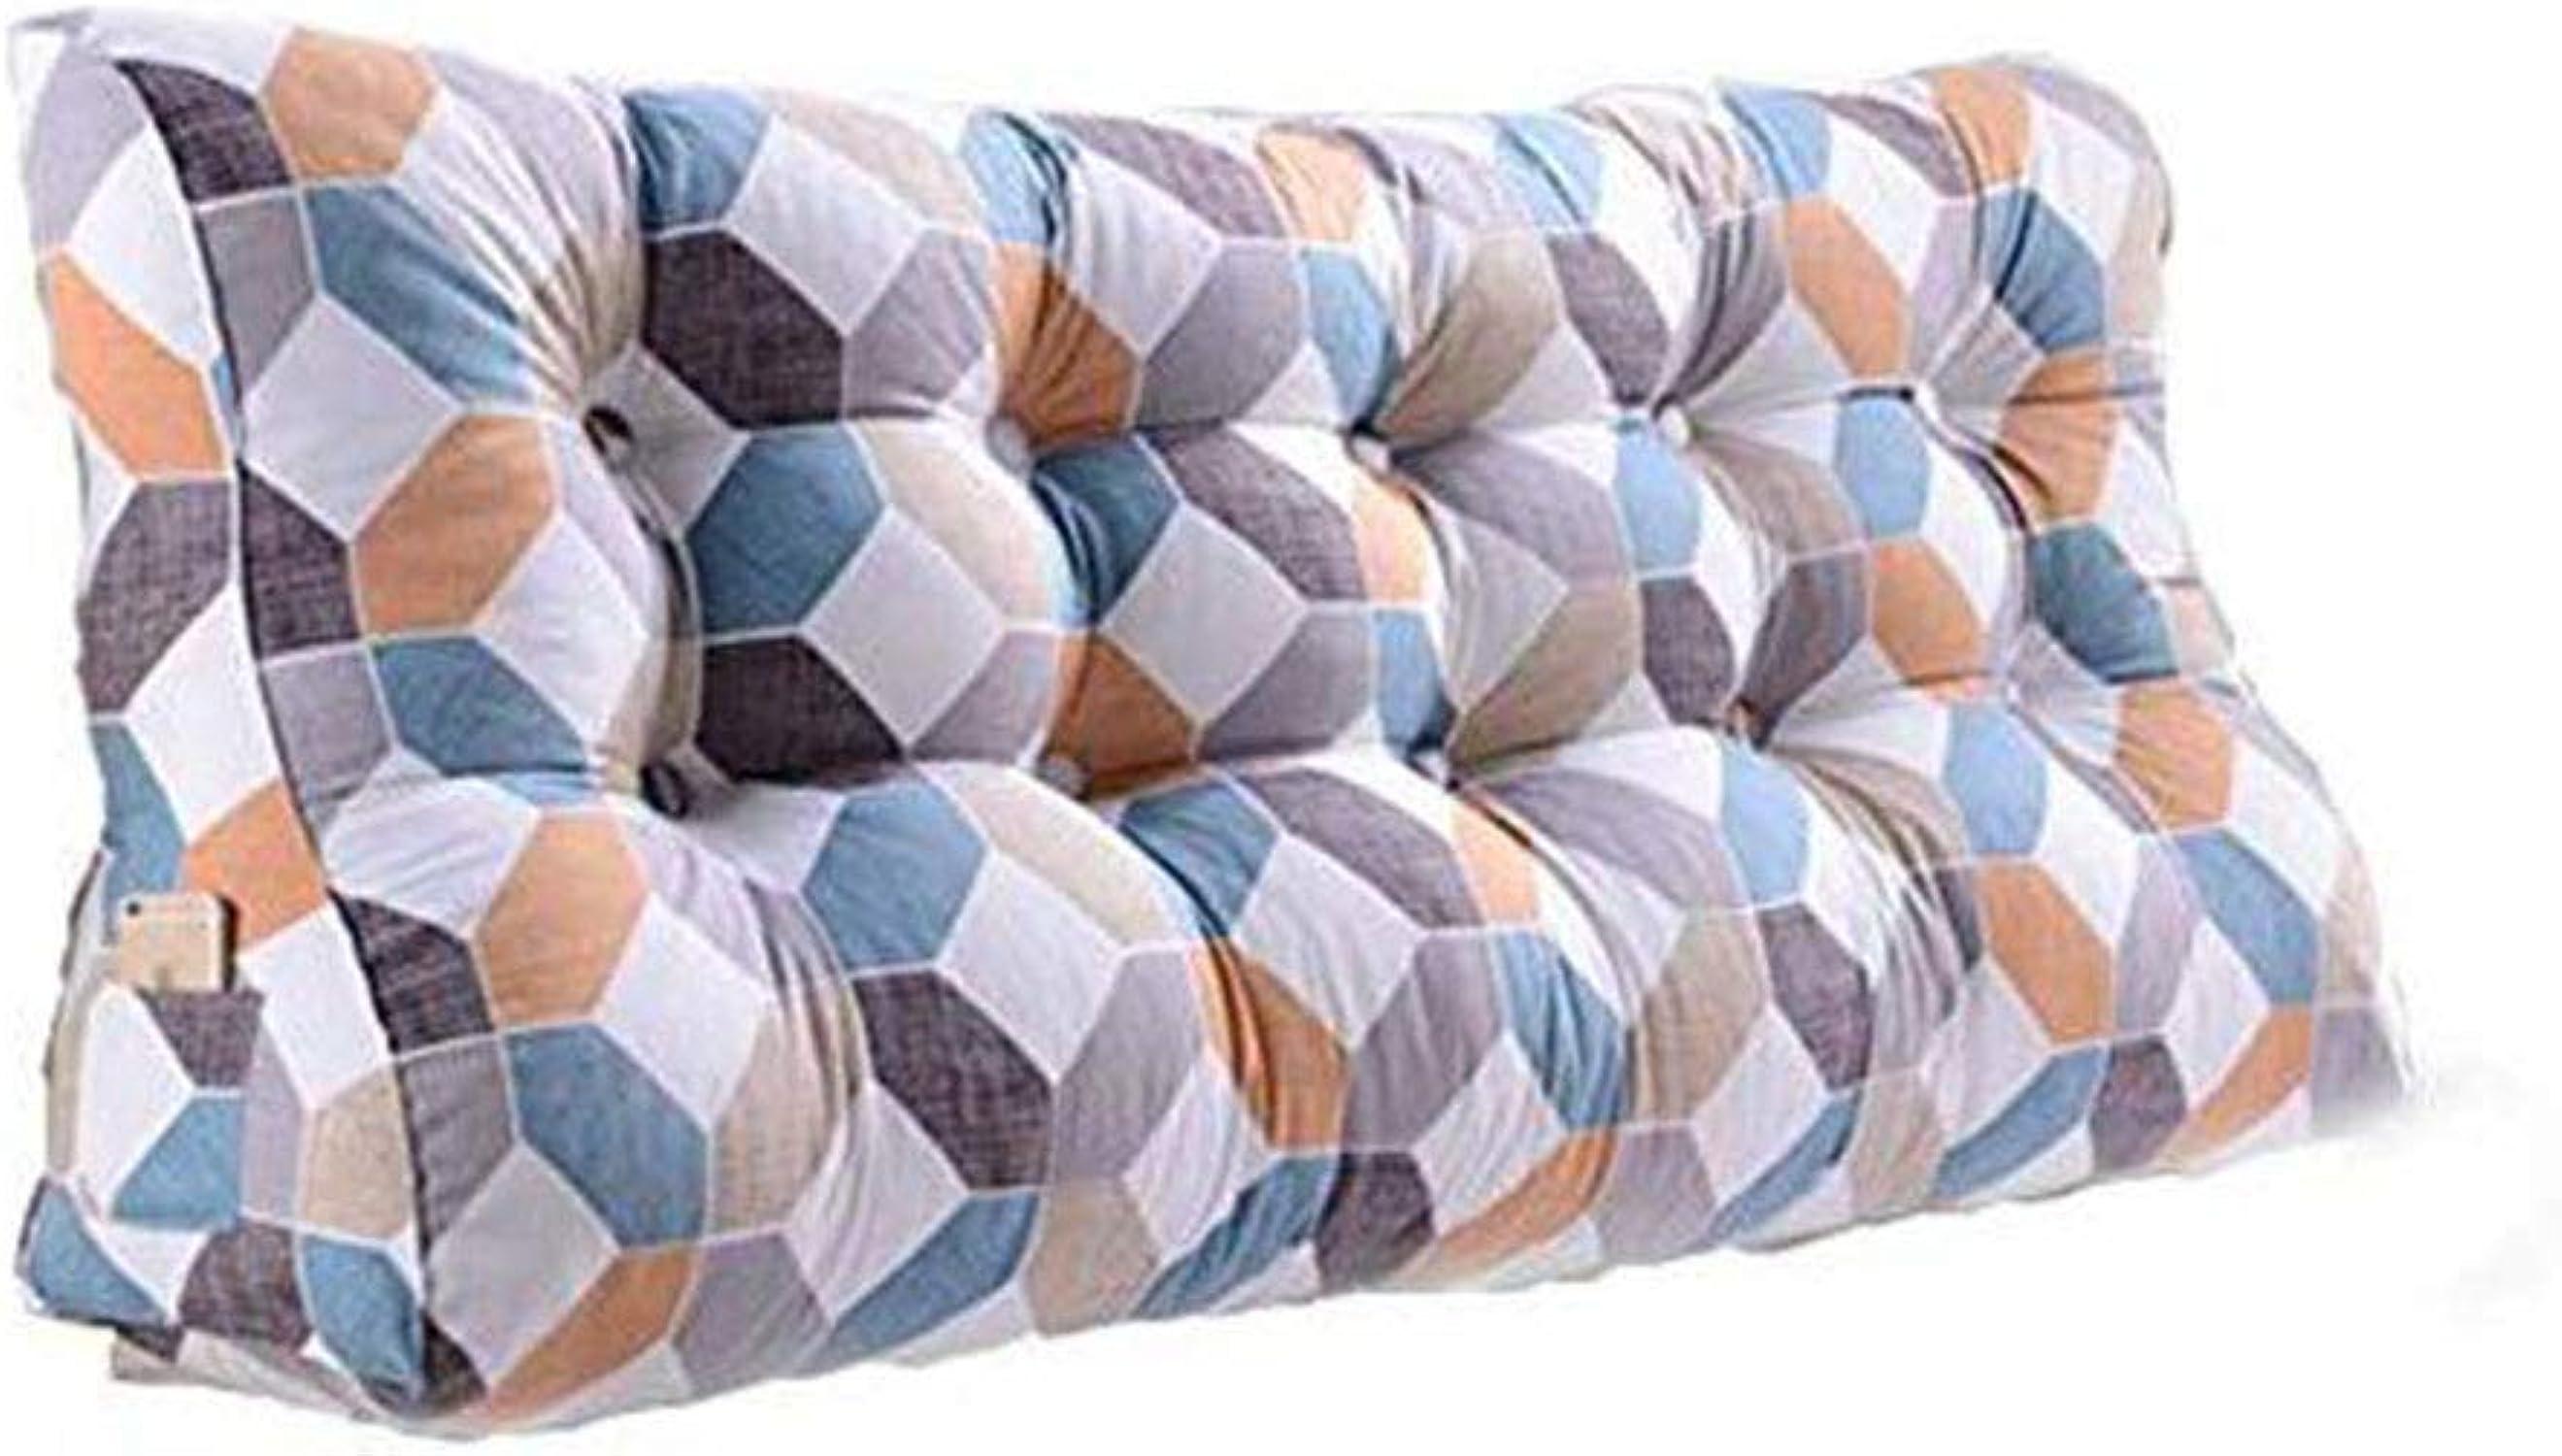 hasta un 70% de descuento GLL Cabecero Doble Doble Doble Soft Bag Triangle Cojín Pillow Pillow Lumbar Pillow Sofa Cama Trasera Cintura Grande (Color   2 , Tamaño   90cm)  100% precio garantizado